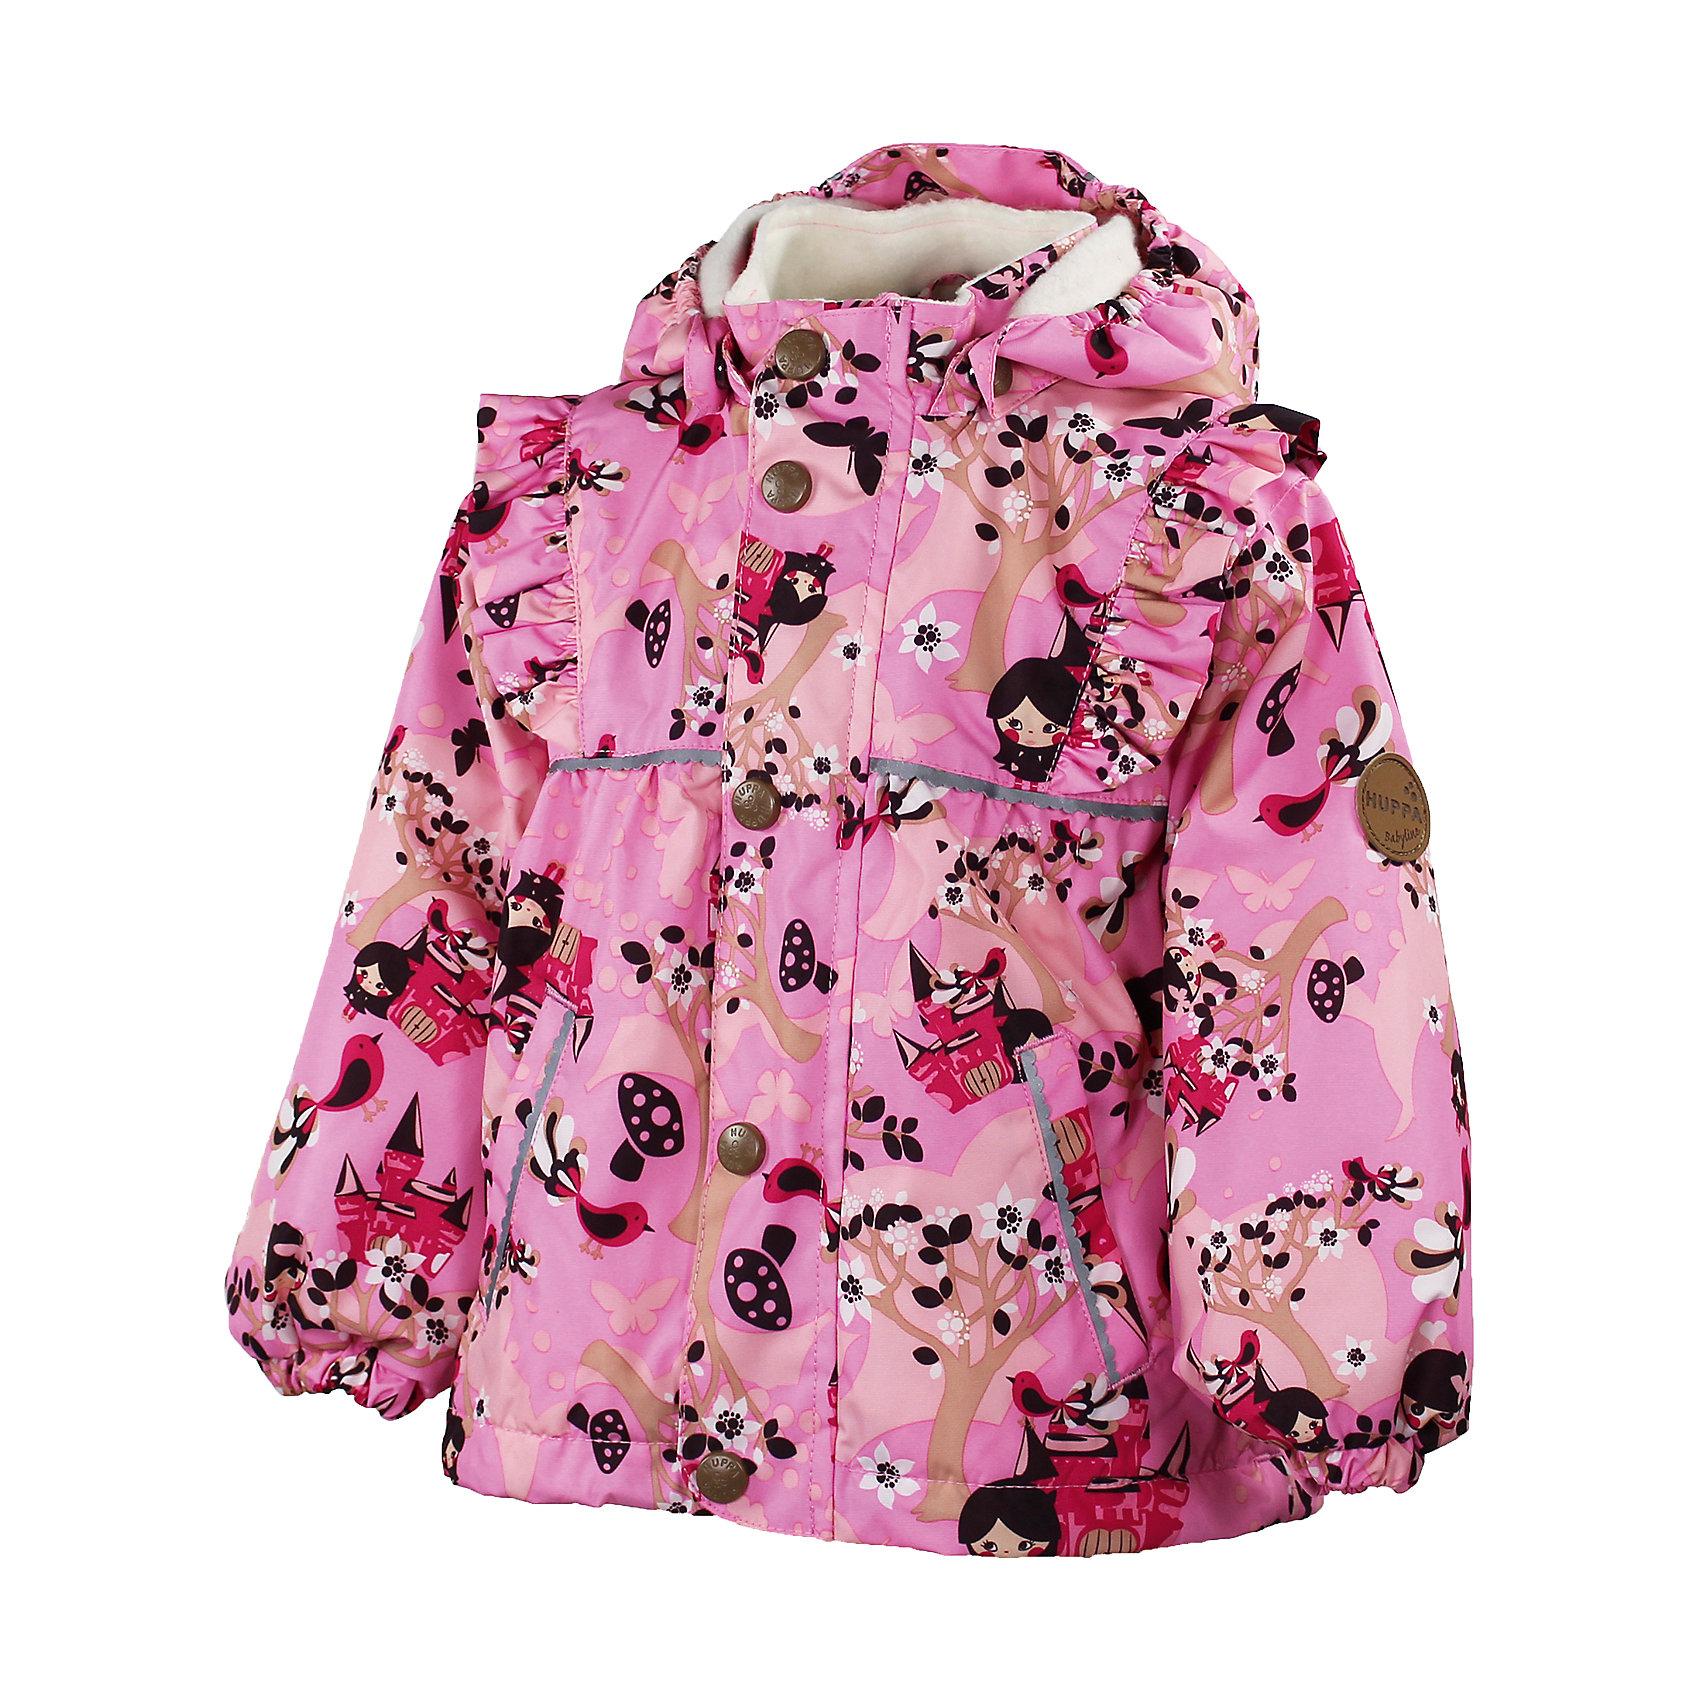 Куртка для девочки HuppaДемисезонная куртка для девочки Huppa (Хуппа) - яркая и стильная куртка для маленьких модниц, которая позволит им чувствовать себя комфортно в любую погоду. Влагоустойчивая и дышащая ткань защищает от ветра и влаги. Специальная технология сплетения волокон в тканях придает ей прочность и износоустойчивость. Куртка выполнена в приятной розовой расцветке и украшена оригинальным принтом с цветущими деревьями и маленькими принцессами, на плечах кокетливые оборочки. Застежка на молнии и пуговицах, воротник-стойка, имеются два прорезных кармана без застежек и отстегивающийся регулируемый капюшон на кнопках. На рукавах манжеты с резинкой. Куртка оснащена светоотражающими элементами, которые повышают безопасность ребенка в темное время суток. Плечевые швы проклеены для максимальной влагонепроницаемости. Куртка легко стирается и быстро сохнет. Стирка в теплой воде при температуре до 40°С, без использования отбеливателей.<br><br>Дополнительная информация:<br><br>- Цвет: розовый.<br>- Сезон: весна-осень.<br>- Материал: верх - 100% полиэстер, подкладка - coral-fleece (смесь хлопка и полиэстера), в рукавах - тафта.<br>- Водонепроницаемая мембрана 10000 мм.<br>- Воздухопроницаемость: 10000г/кв.м/24час.<br>- Температурный режим: от +7 градусов и выше.<br> <br>Куртку для девочки Huppa (Хуппа) можно купить в нашем интернет-магазине.<br><br>Ширина мм: 356<br>Глубина мм: 10<br>Высота мм: 245<br>Вес г: 519<br>Цвет: розовый<br>Возраст от месяцев: 12<br>Возраст до месяцев: 18<br>Пол: Женский<br>Возраст: Детский<br>Размер: 86,98,104,92<br>SKU: 4041500